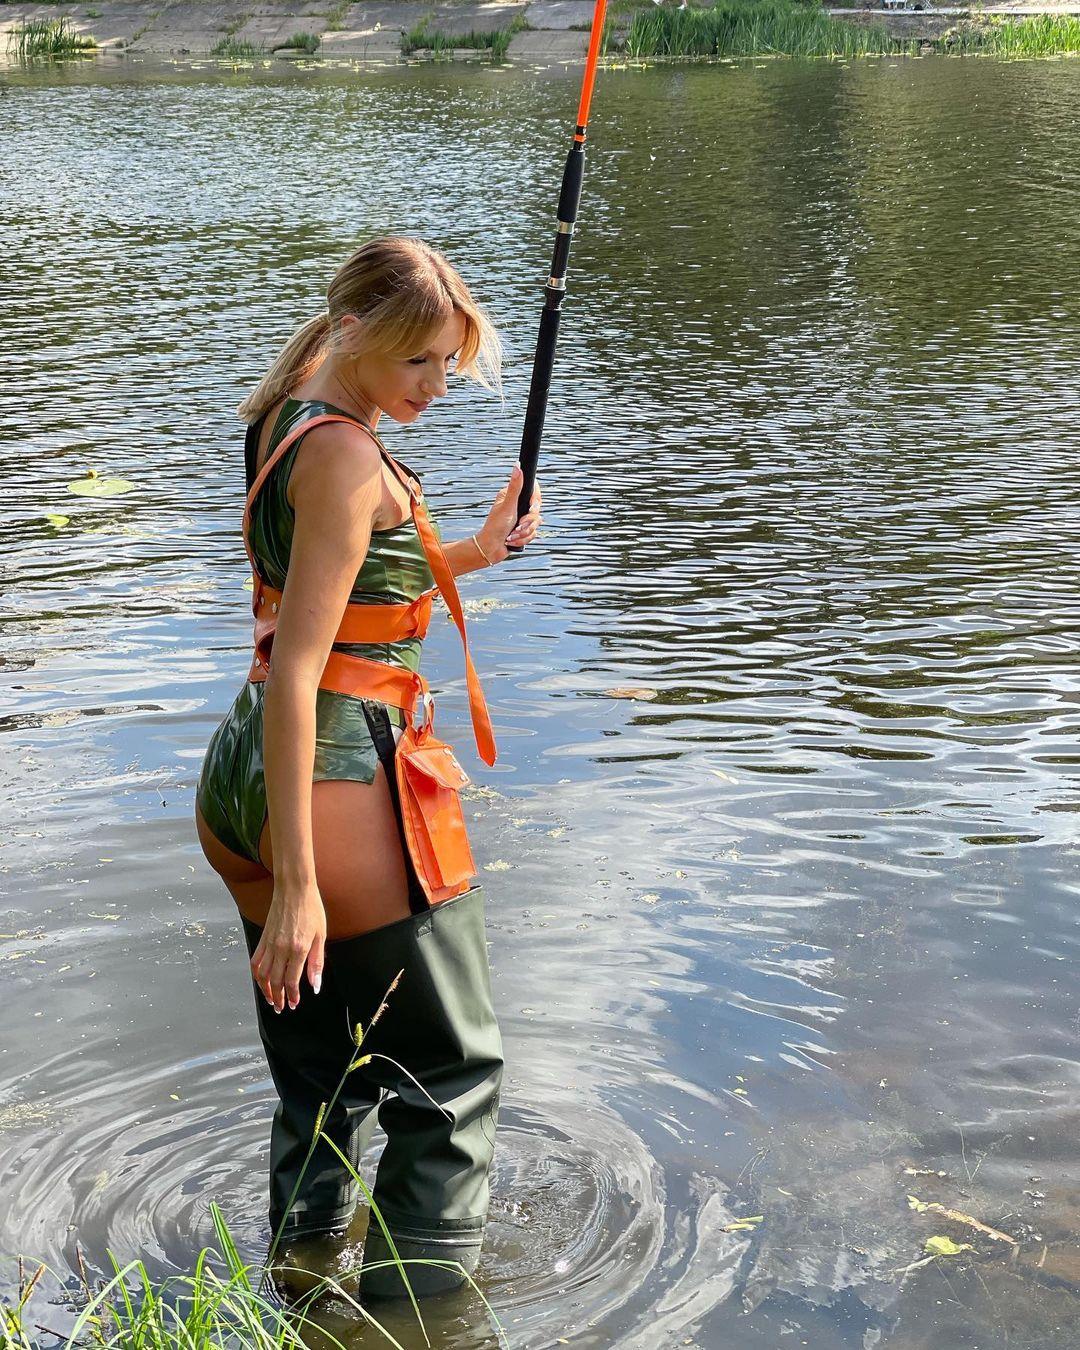 Леся Нікітюк у латексному боді приголомшила образом сексапільної рибалки